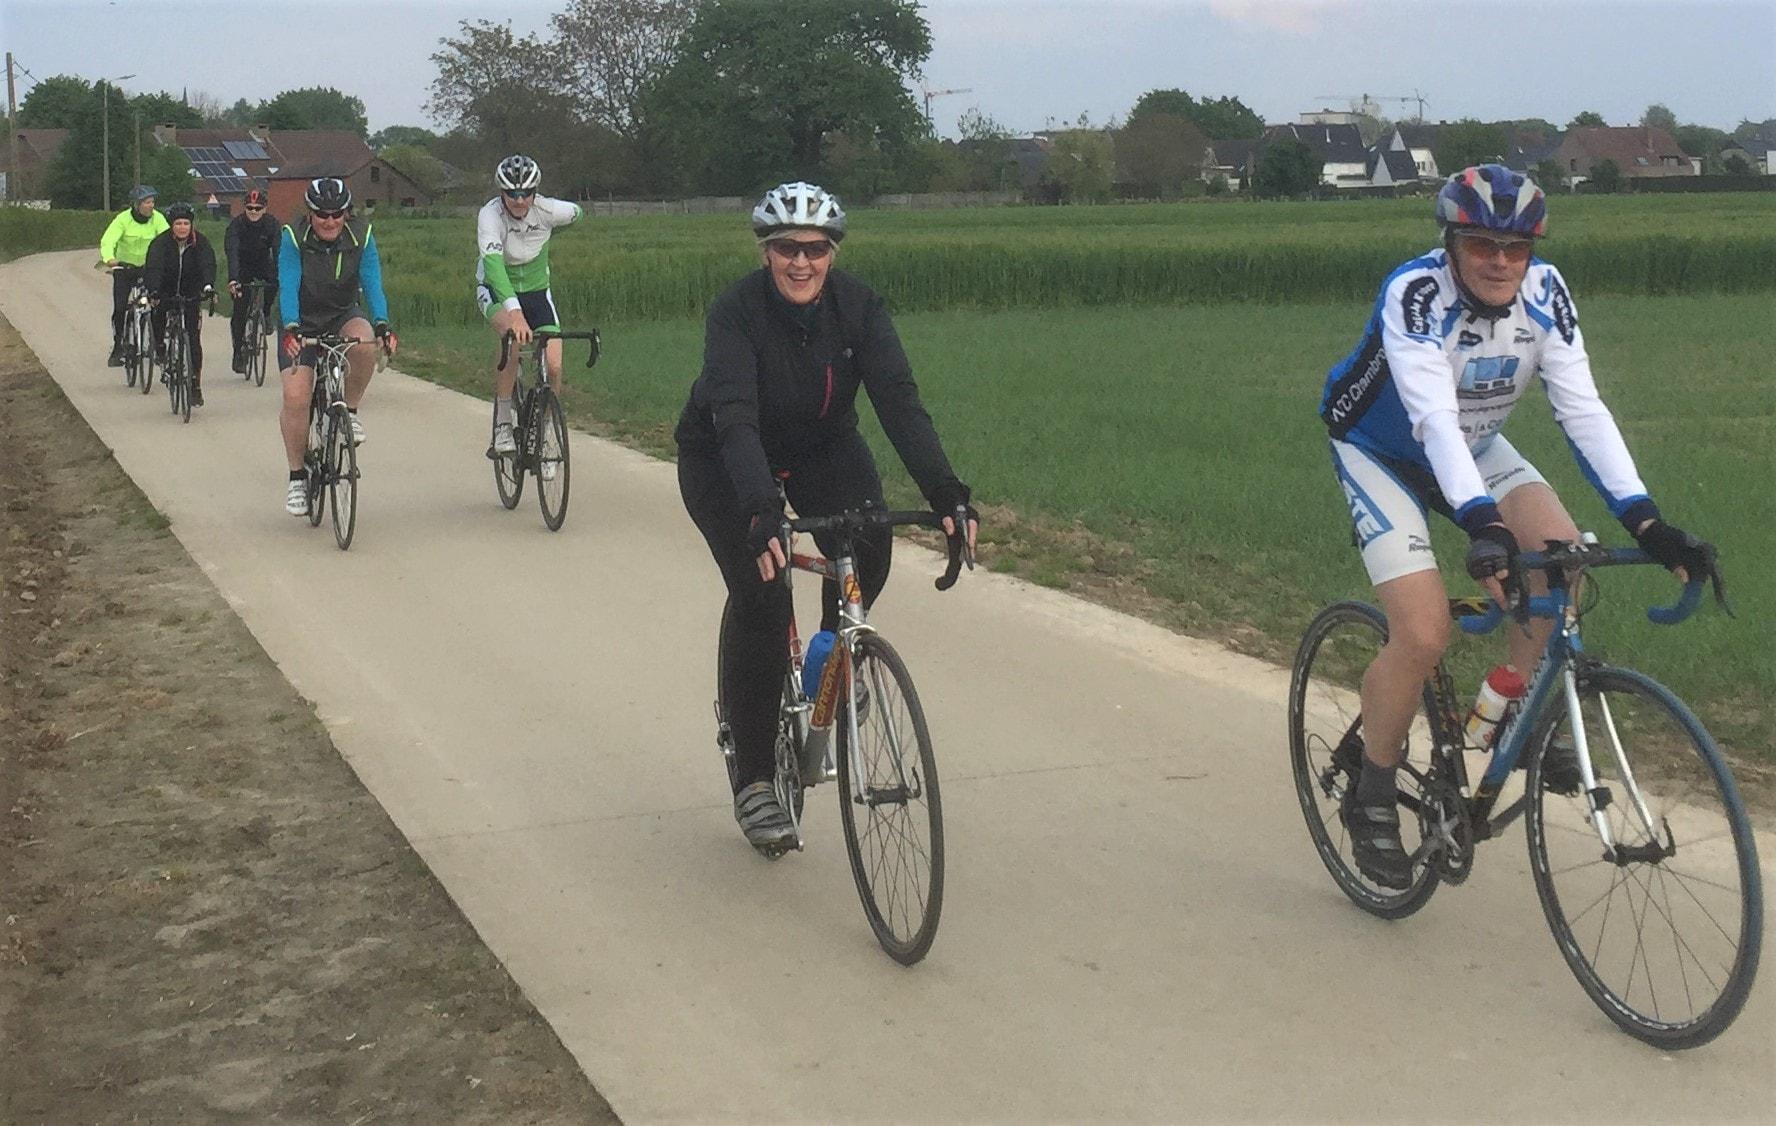 ritje tijdens de start to cycle langs mooie wegen